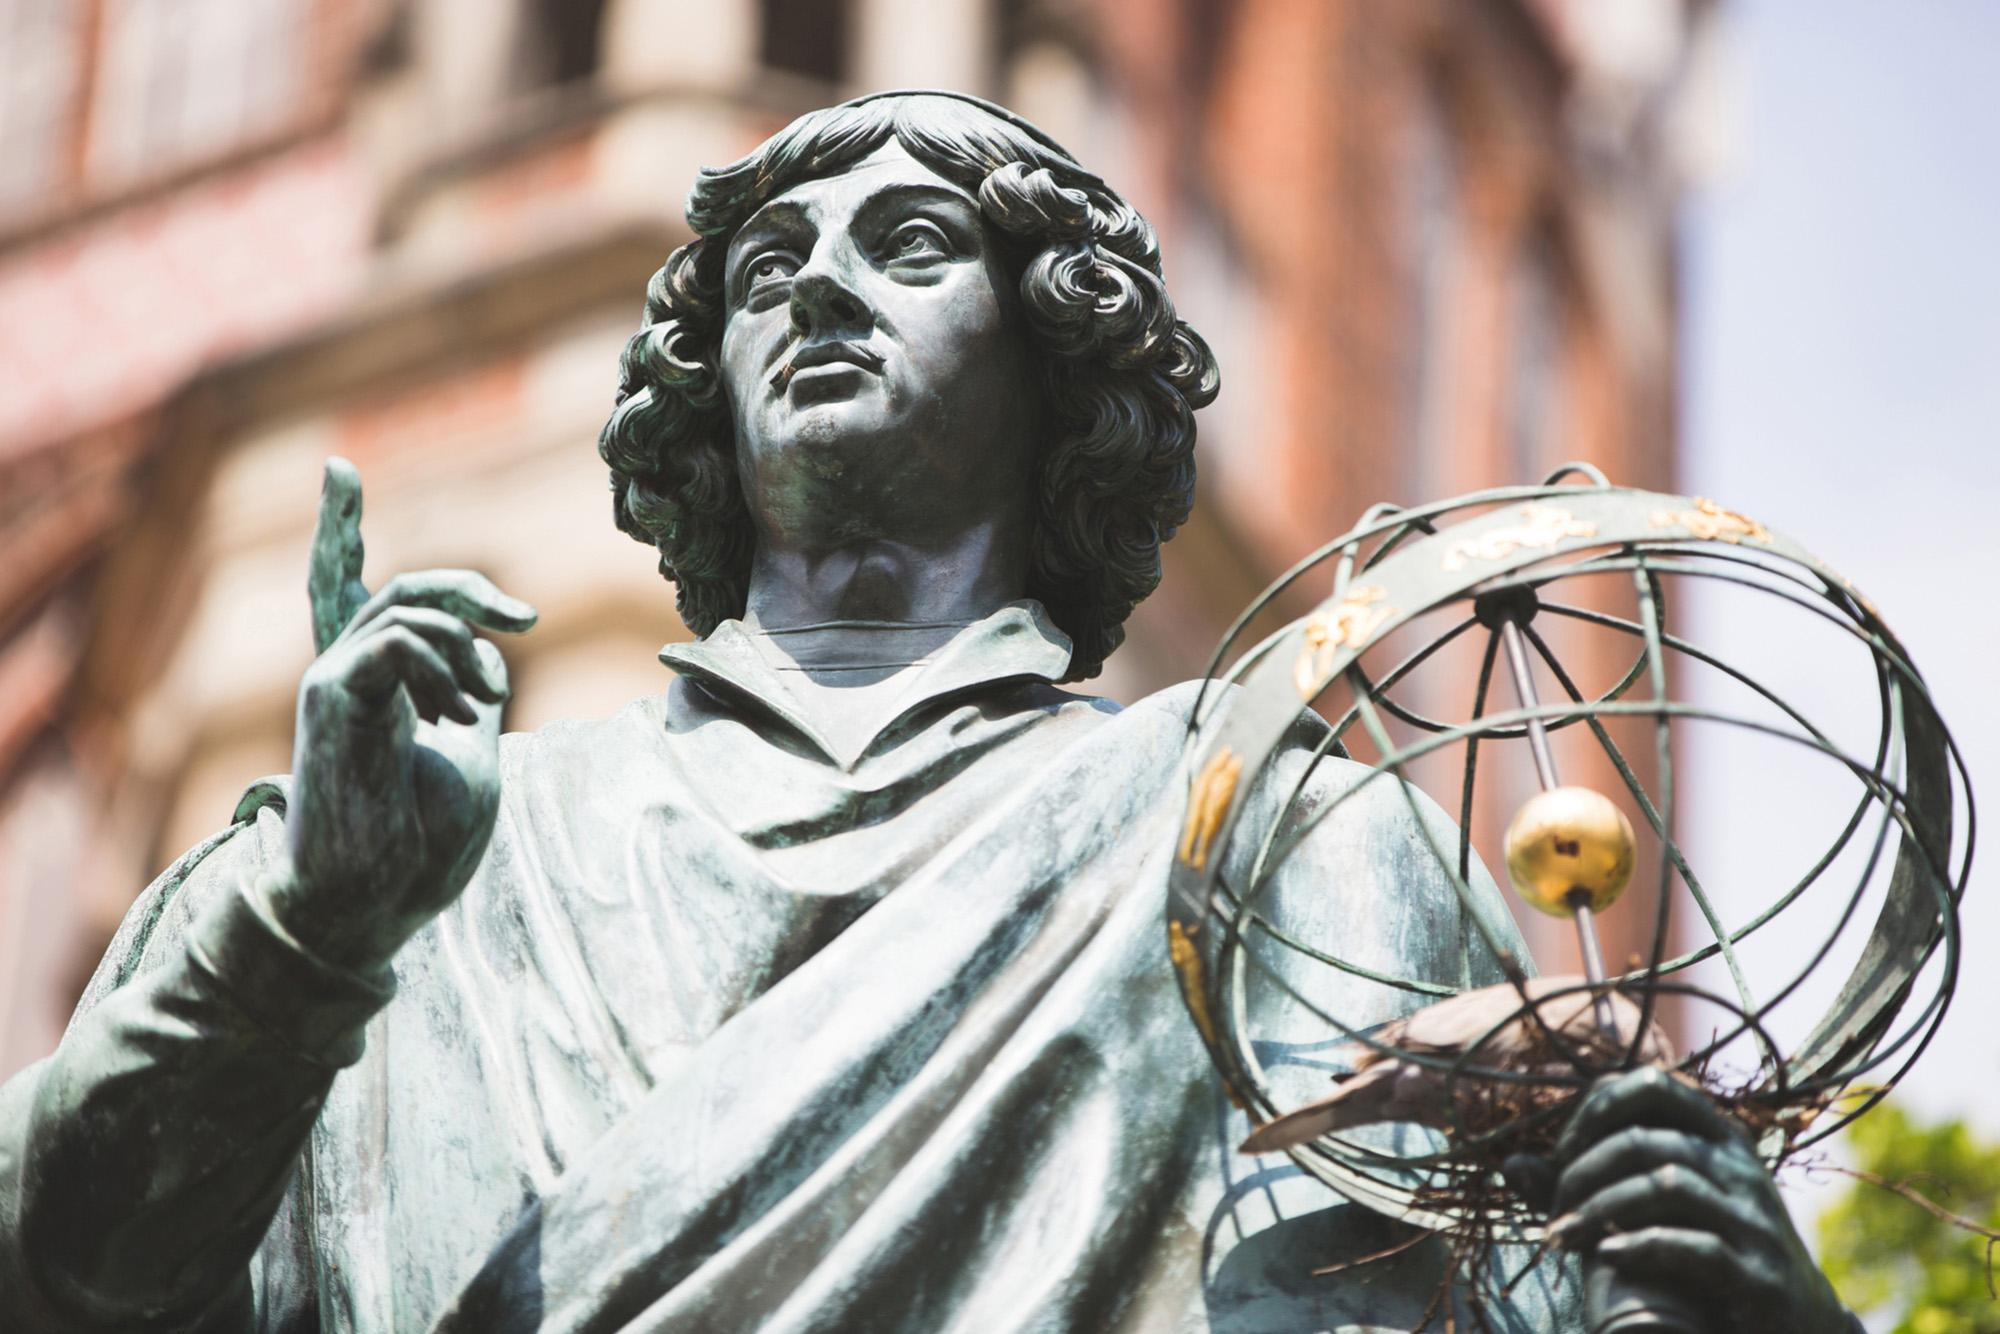 تمثال نيكولاس كوبرنيكوس في تورون